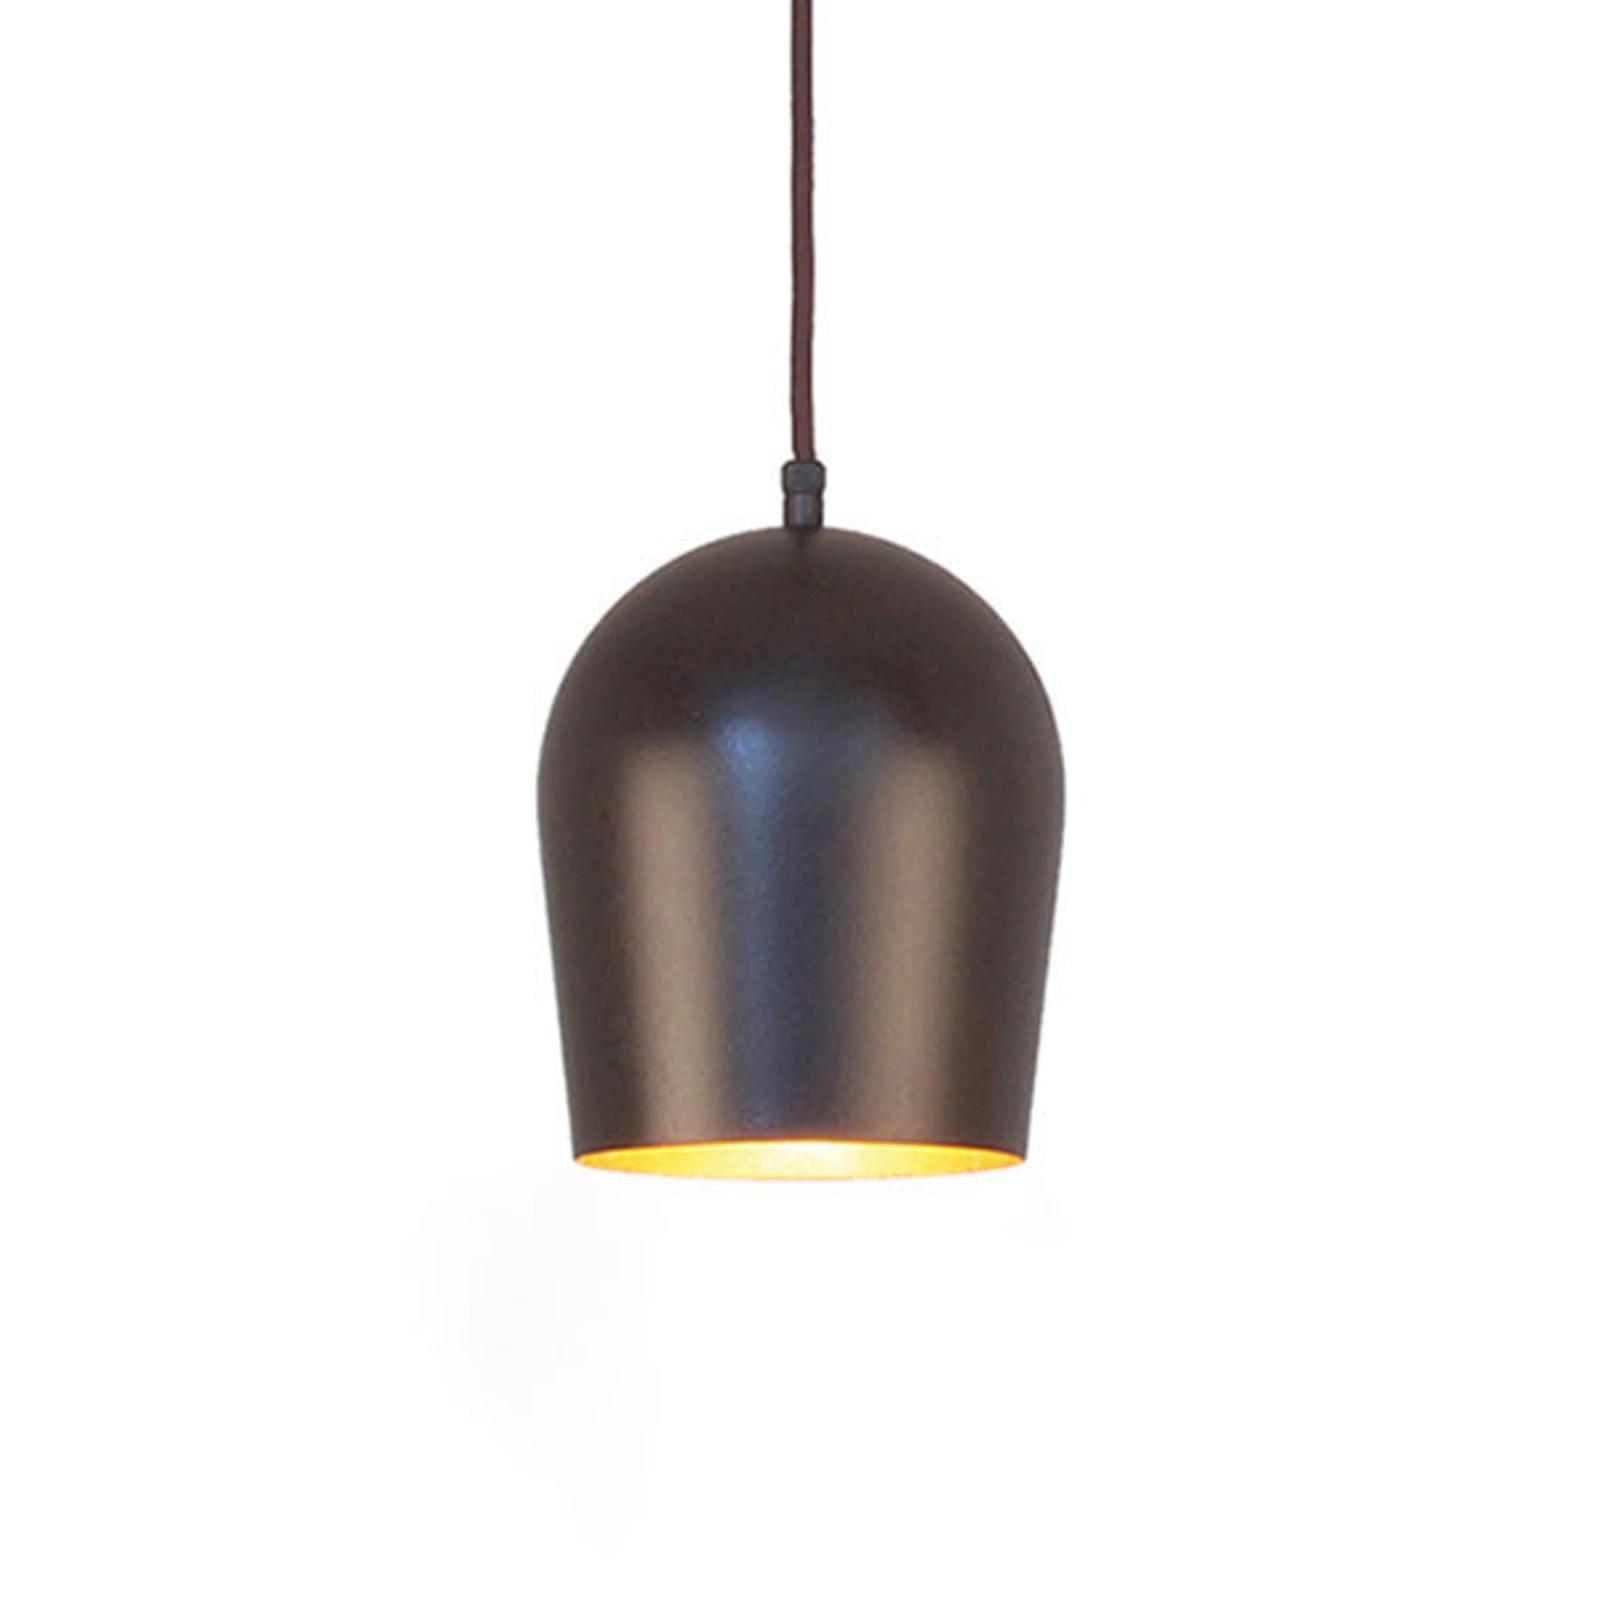 Menzel Solo Glo12 Pendelleuchte in Braun-schwarz